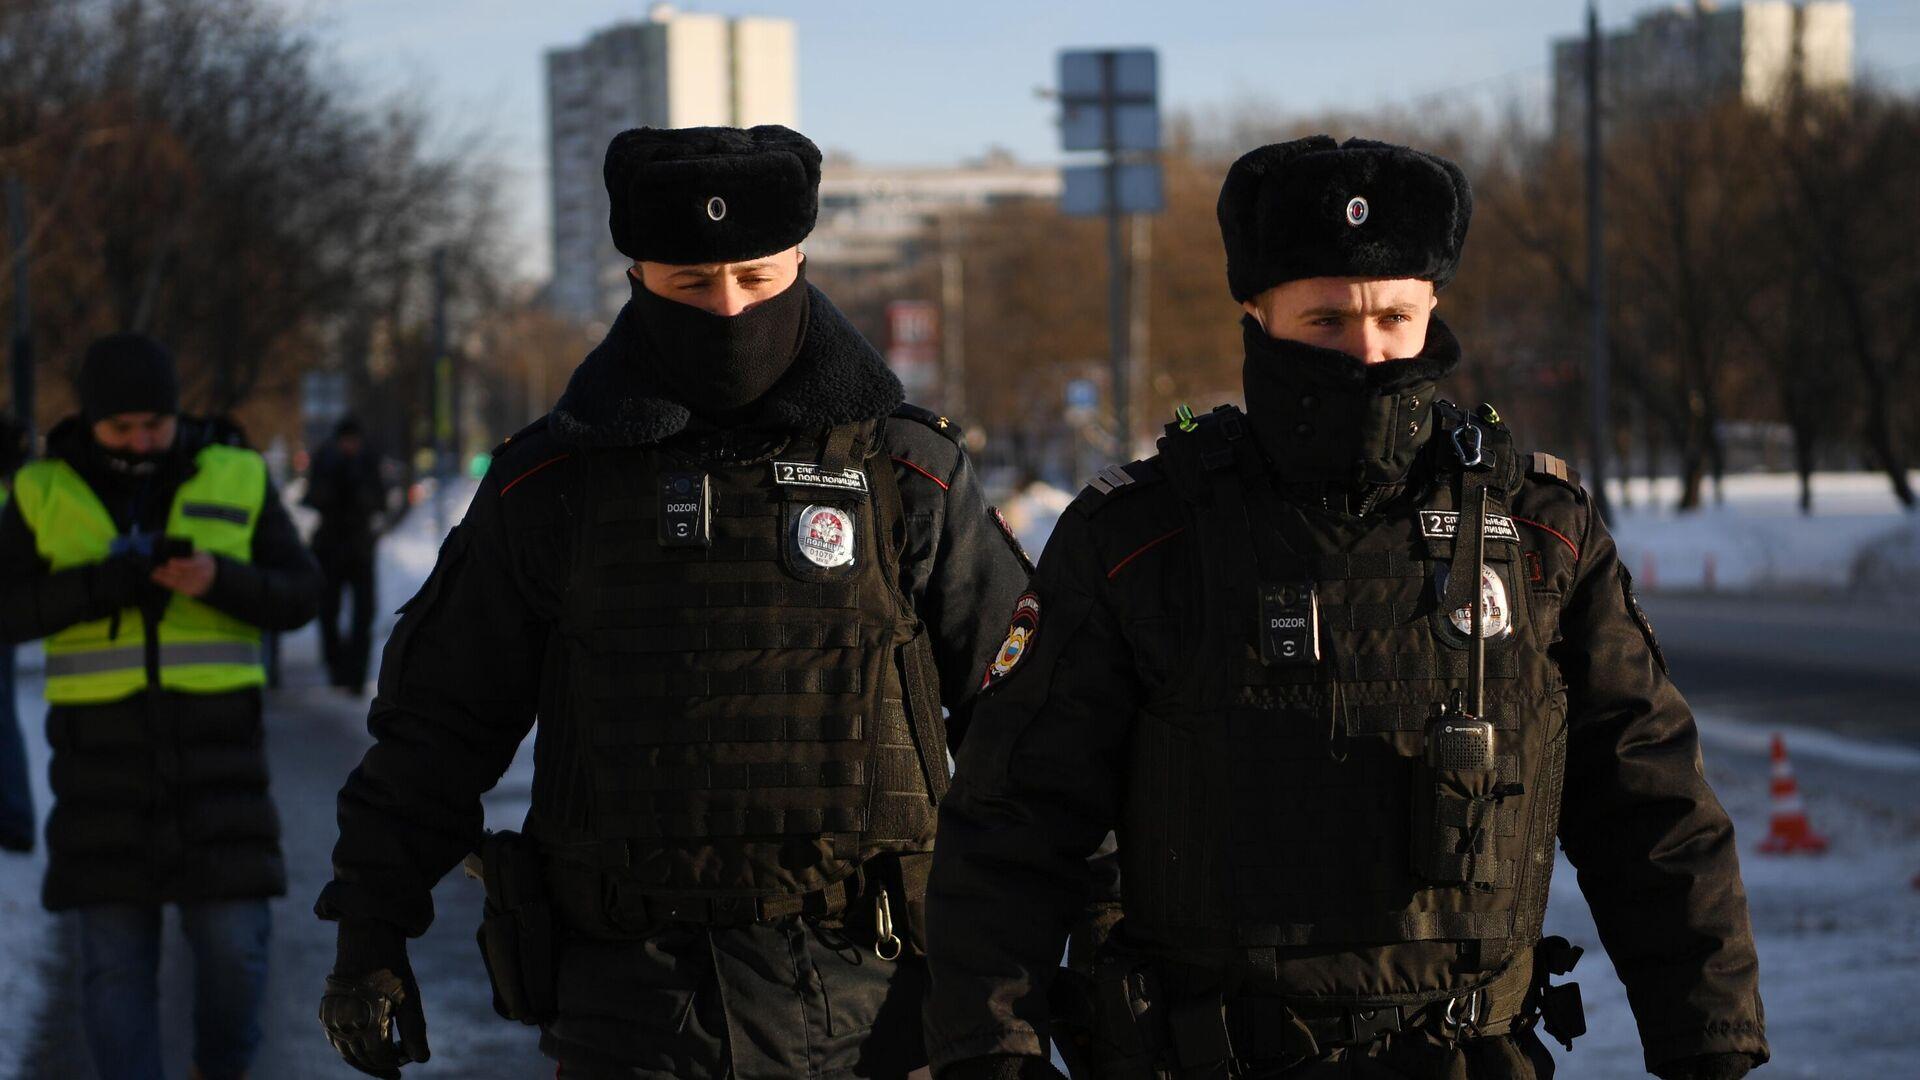 Сотрудники полиции у здания Бабушкинского районного суда, где состоится заседание по делу Алексея Навального - РИА Новости, 1920, 24.02.2021